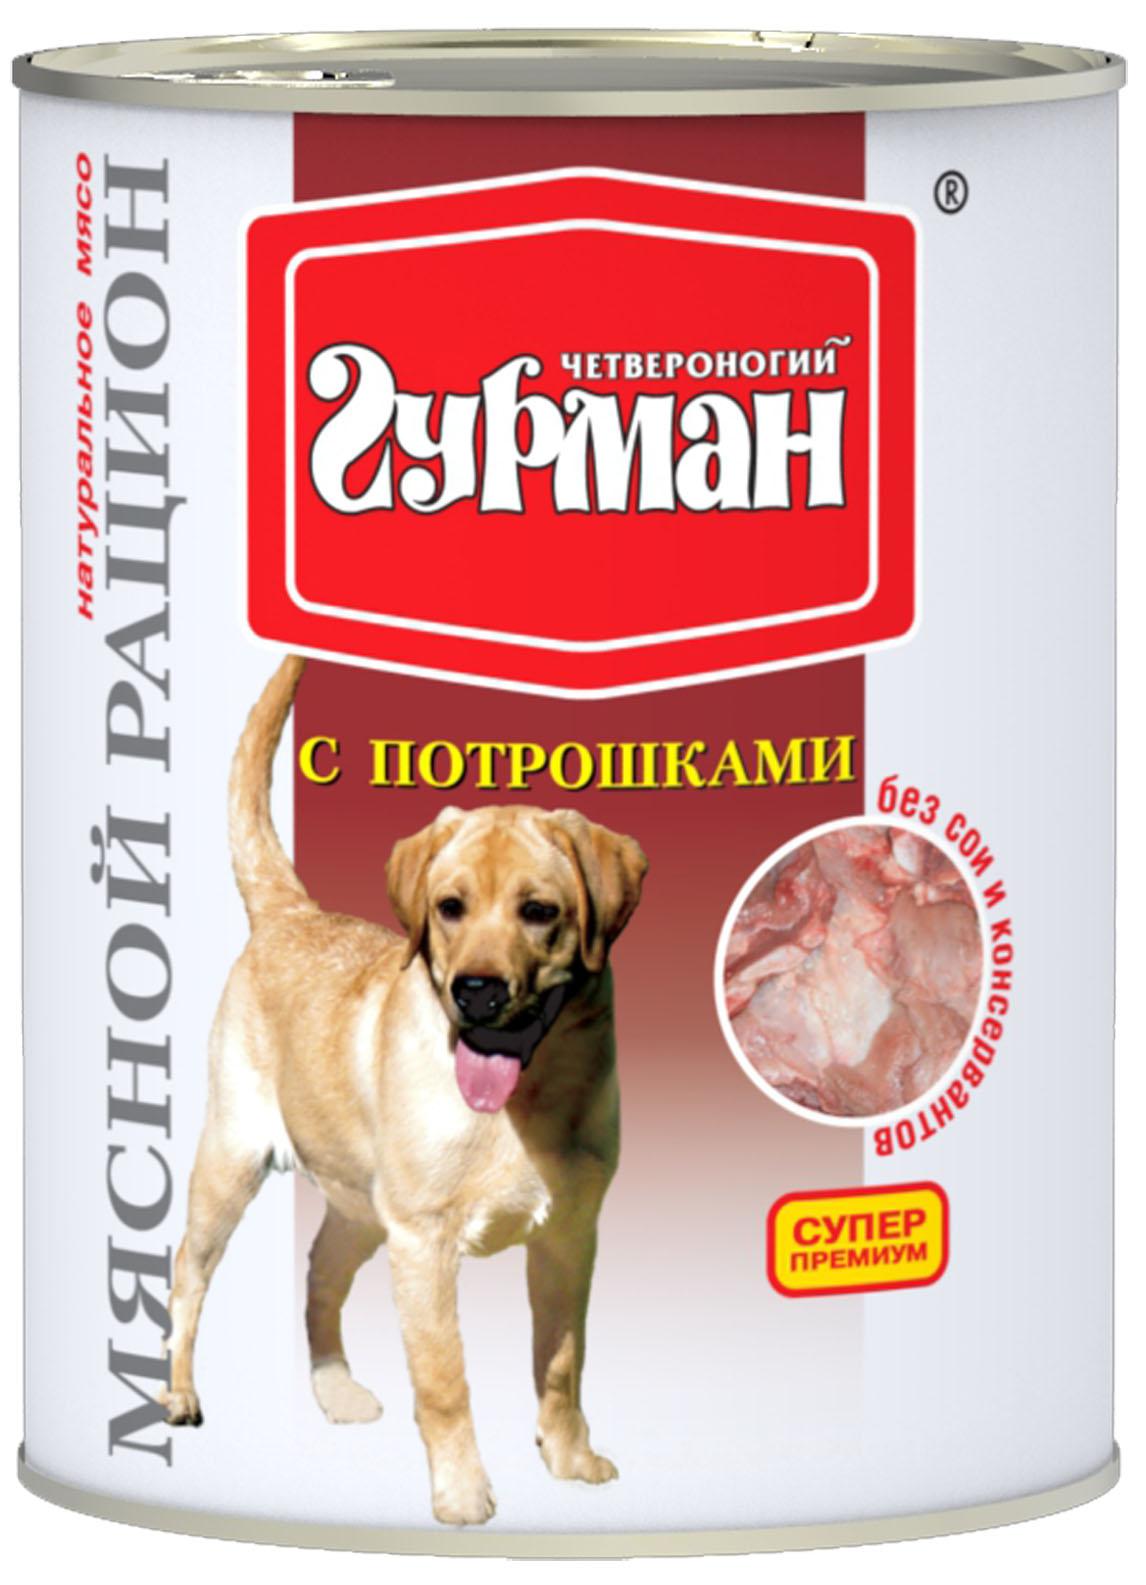 Консервы для собак Четвероногий Гурман Мясной рацион, с потрошками, 850 г11908Консервы Четвероногий Гурман Мясной рацион - влажные мясные консервы суперпремиум класса для собак. Изготовлены из мяса и субпродуктов, дополнительно содержат желирующую добавку, растительное масло и незначительное количество соли. Корм отличается крупной степенью измельченности, что повышает его привлекательность для собак крупных пород. Корм производится по новейшей технологии на современном оборудовании, что позволяет строго следить за его качеством. Специальная щадящая технология обработки компонентов позволяет сохранить максимальное количество витаминов, микроэлементов и питательных веществ, необходимых любой собаке. Корм производится из высококачественного натурального мяса, без добавления сои, ароматизаторов и красителей, имеет отличный вкус и привлекательный аромат. Такие консервы вы можете давать собаке как отдельно, так и смешивая их с кашей или овощами. Консервы Четвероногий Гурман Мясной рацион - прекрасное и вкусное дополнение...